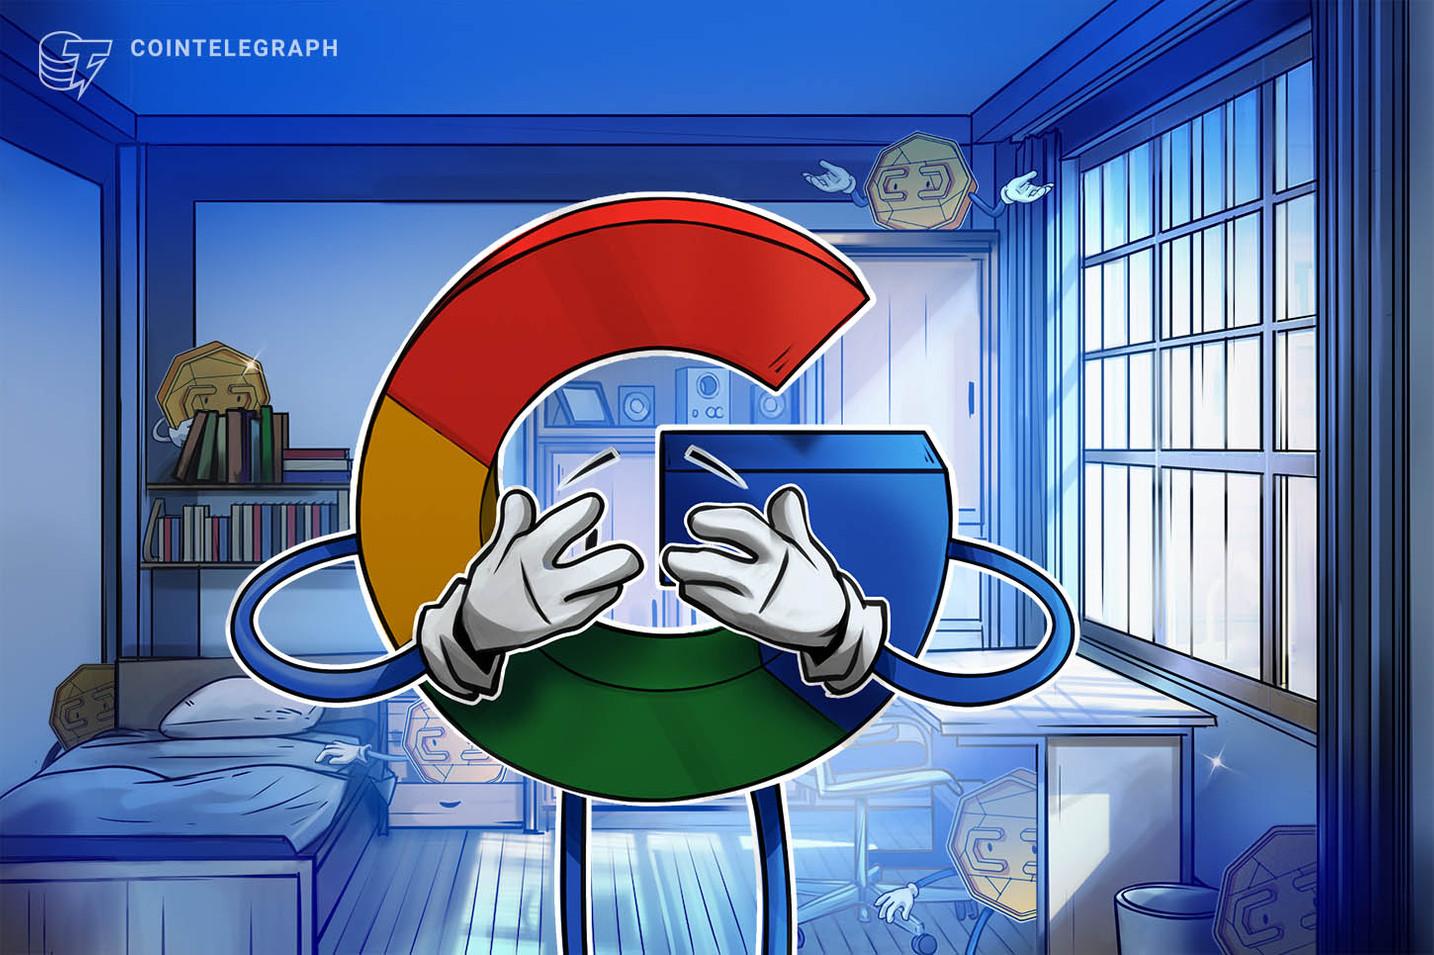 غوغل تتخلص من آلاف التعليقات السلبية عن روبنهود